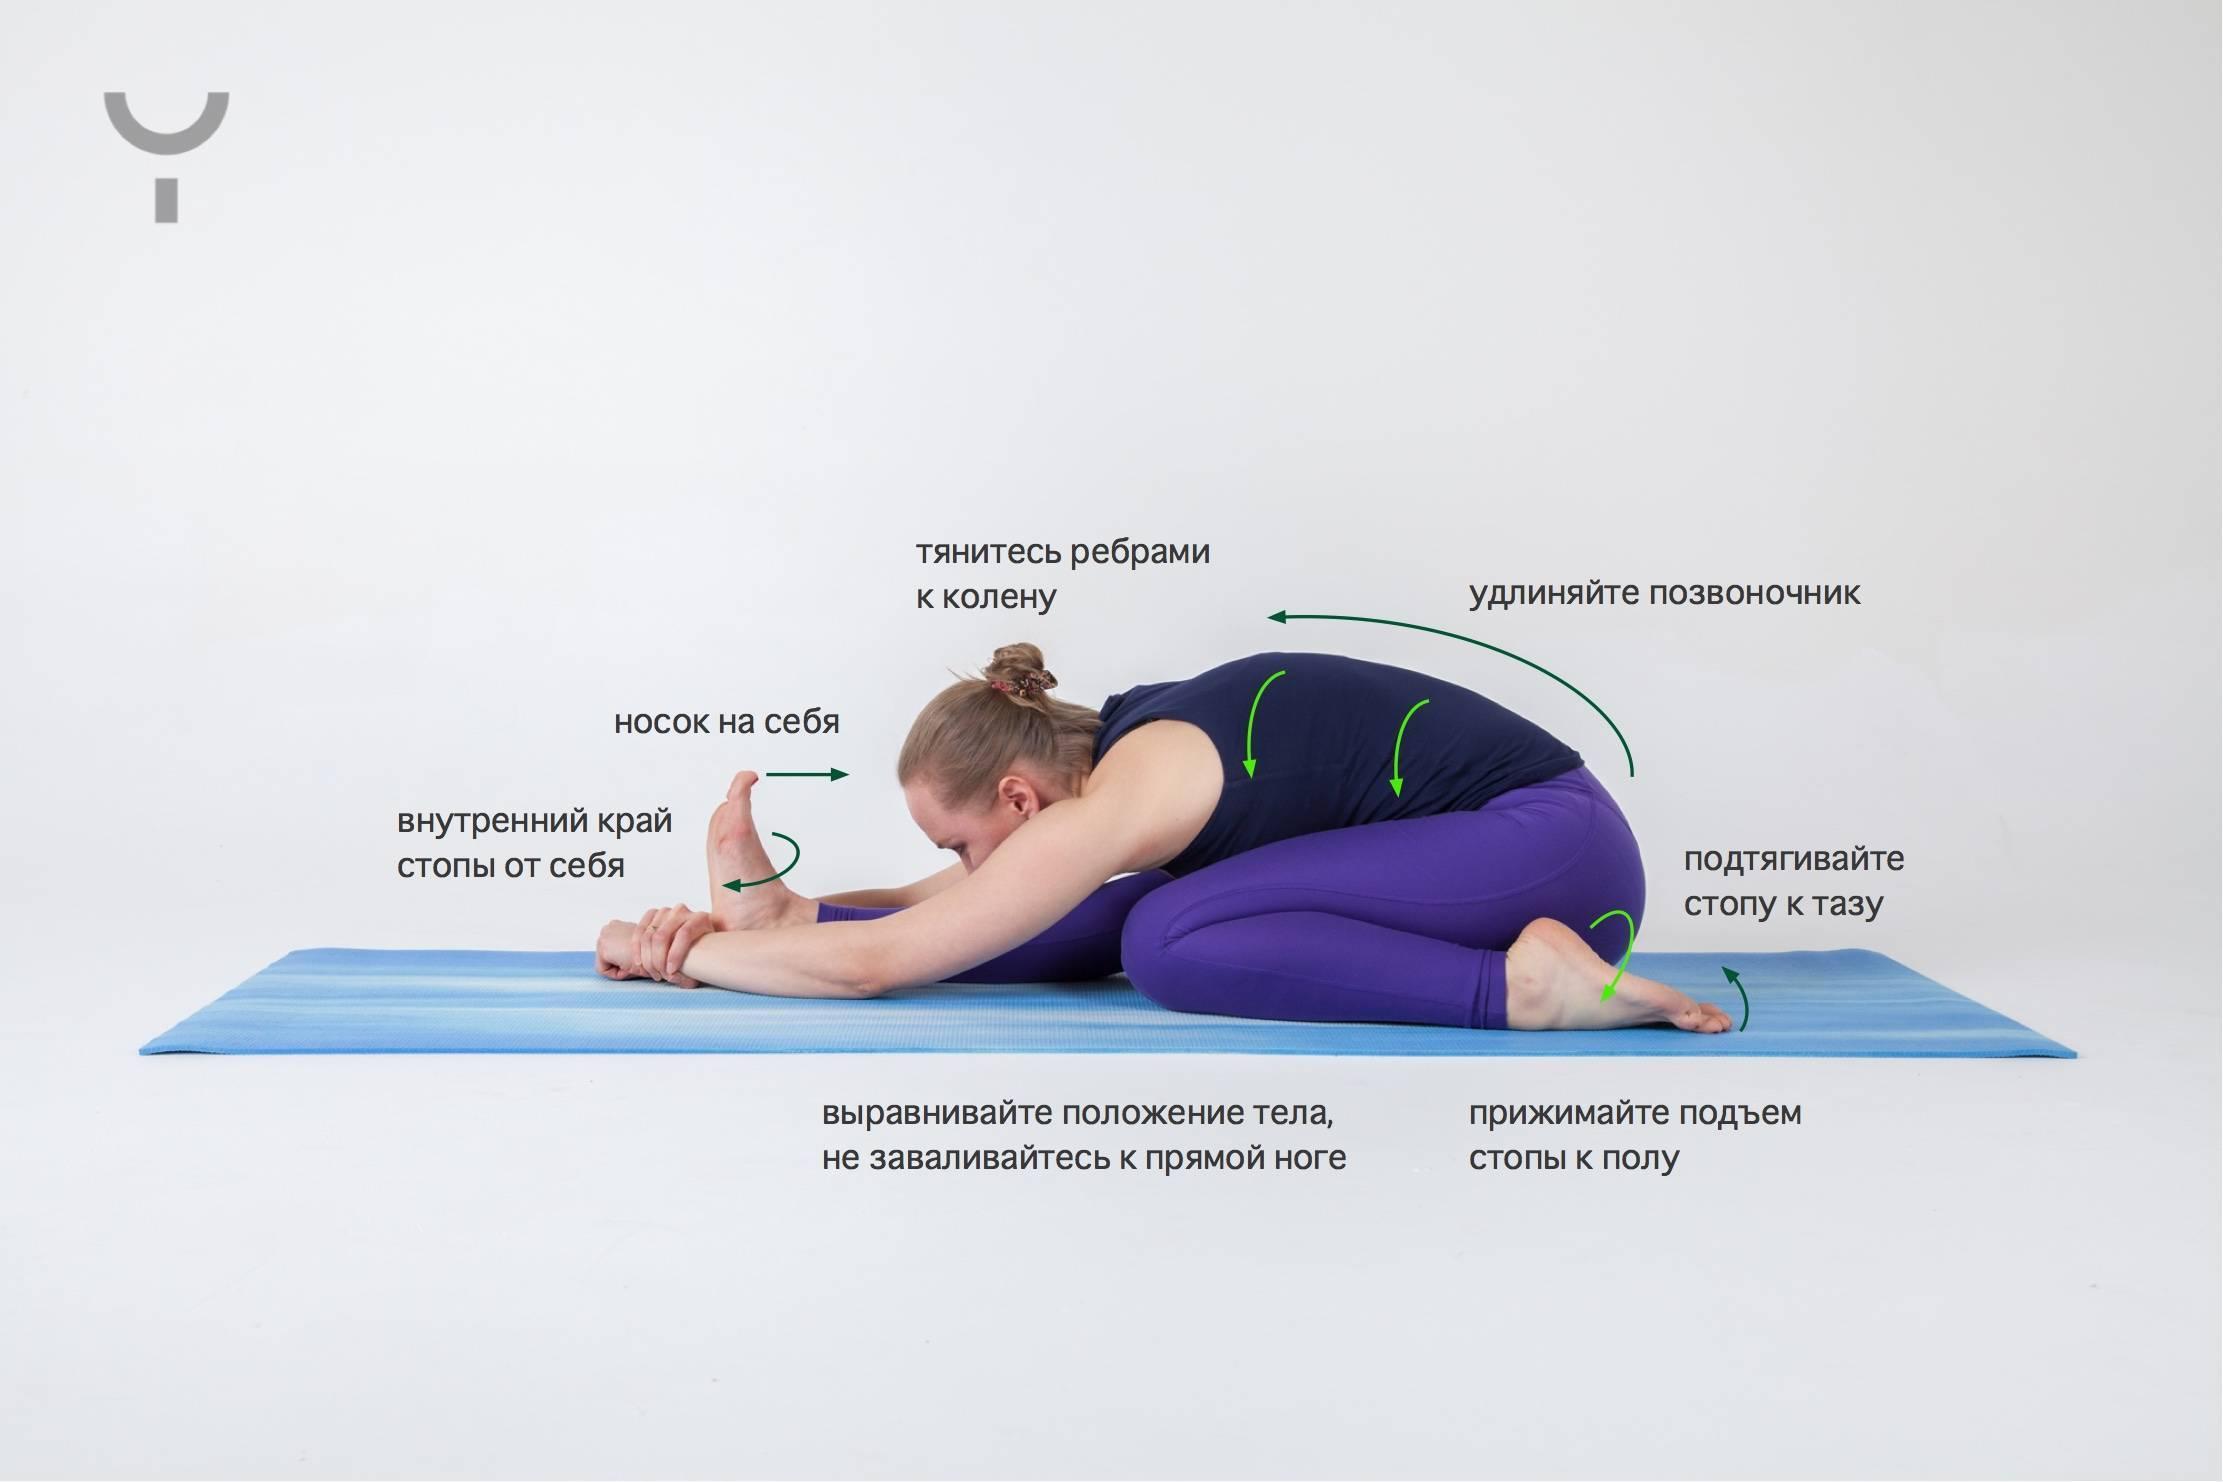 56.паривритта пашчимоттанасана. развернутая поза растягивания спины и ягодиц. йога для детей. 100 лучших упражнений для укрепления здоровья